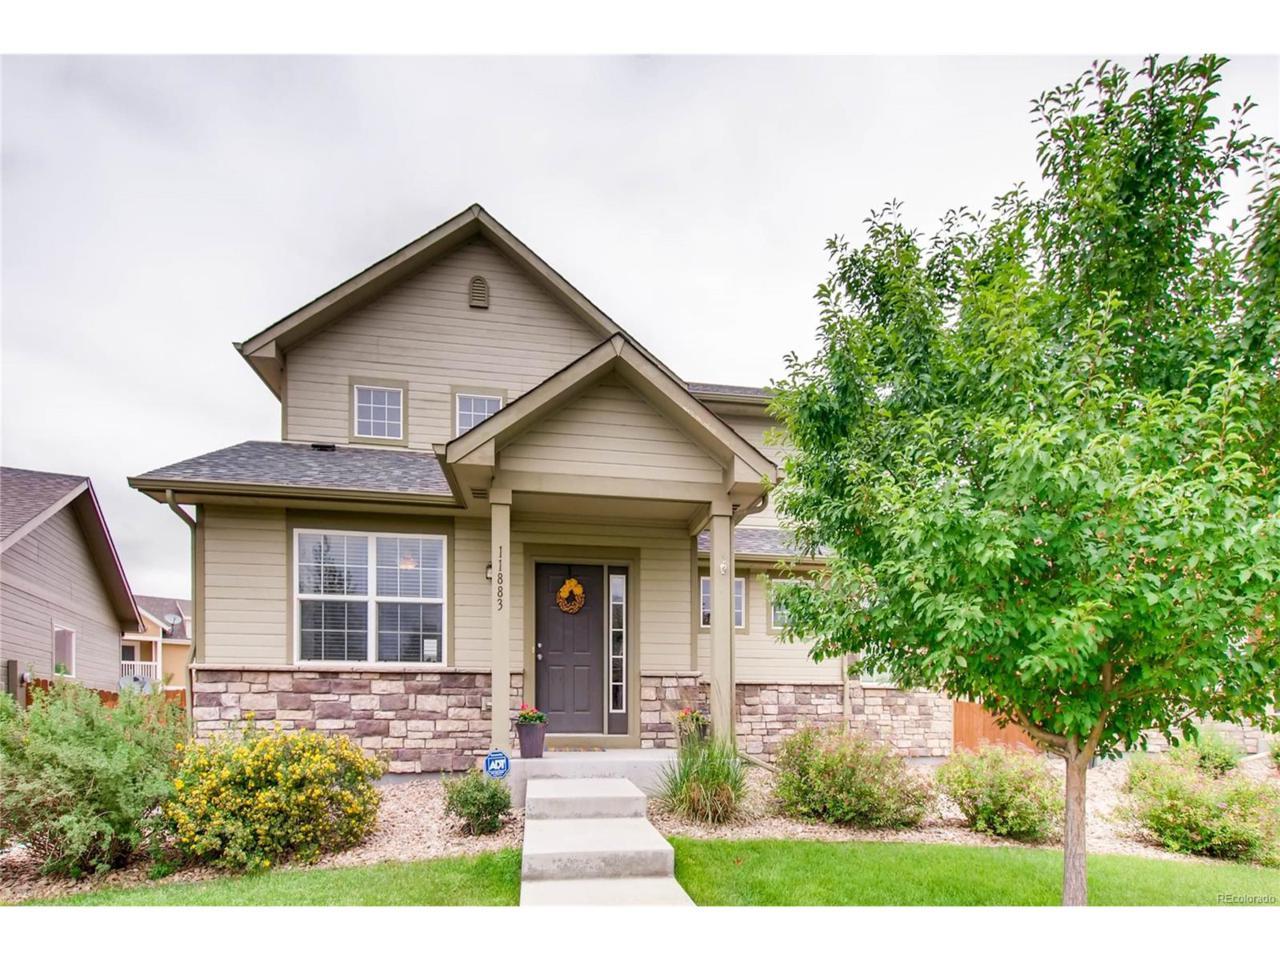 11883 E 111th Avenue, Henderson, CO 80640 (MLS #3207290) :: 8z Real Estate